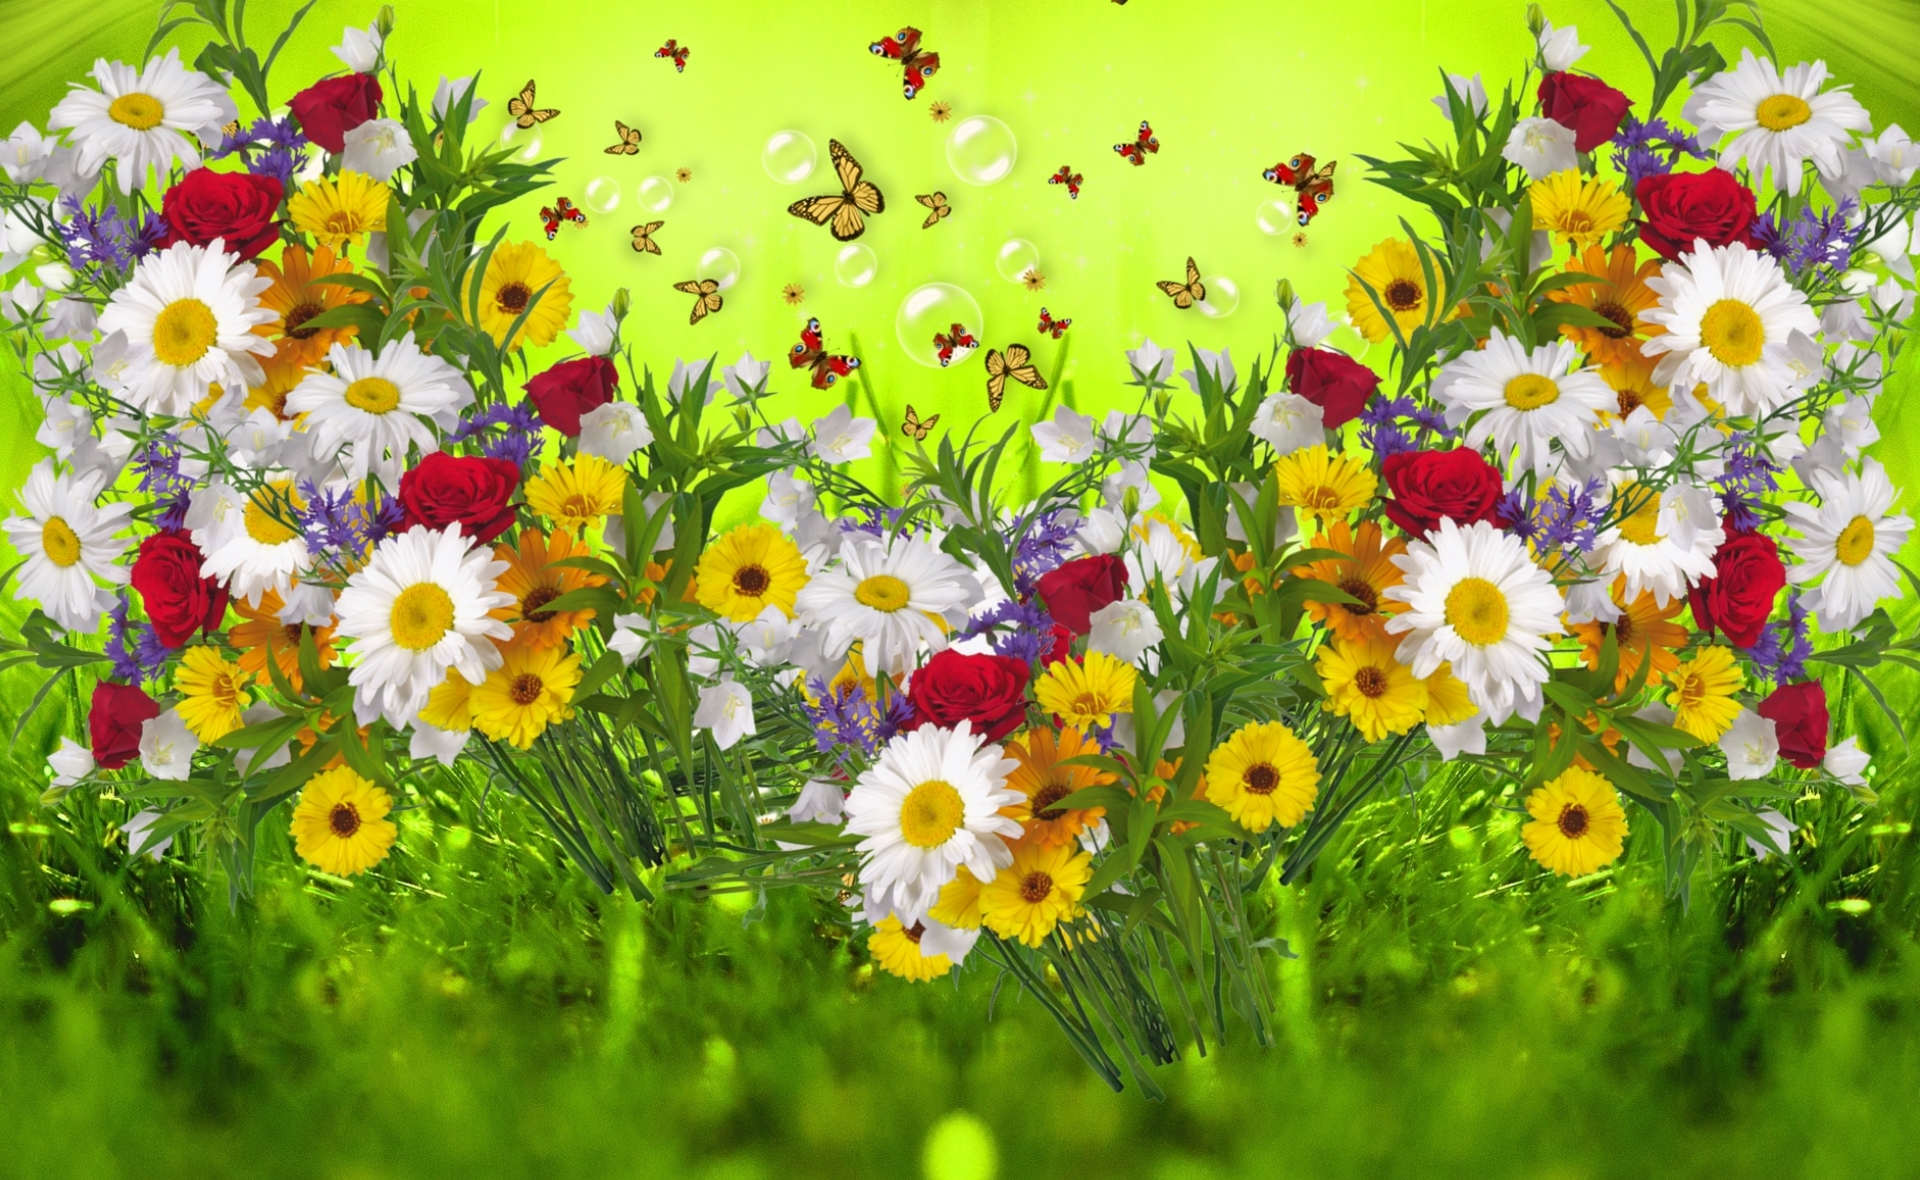 Картинки с полевыми цветами поздравительные, годовщиной свадьбы ситцевая